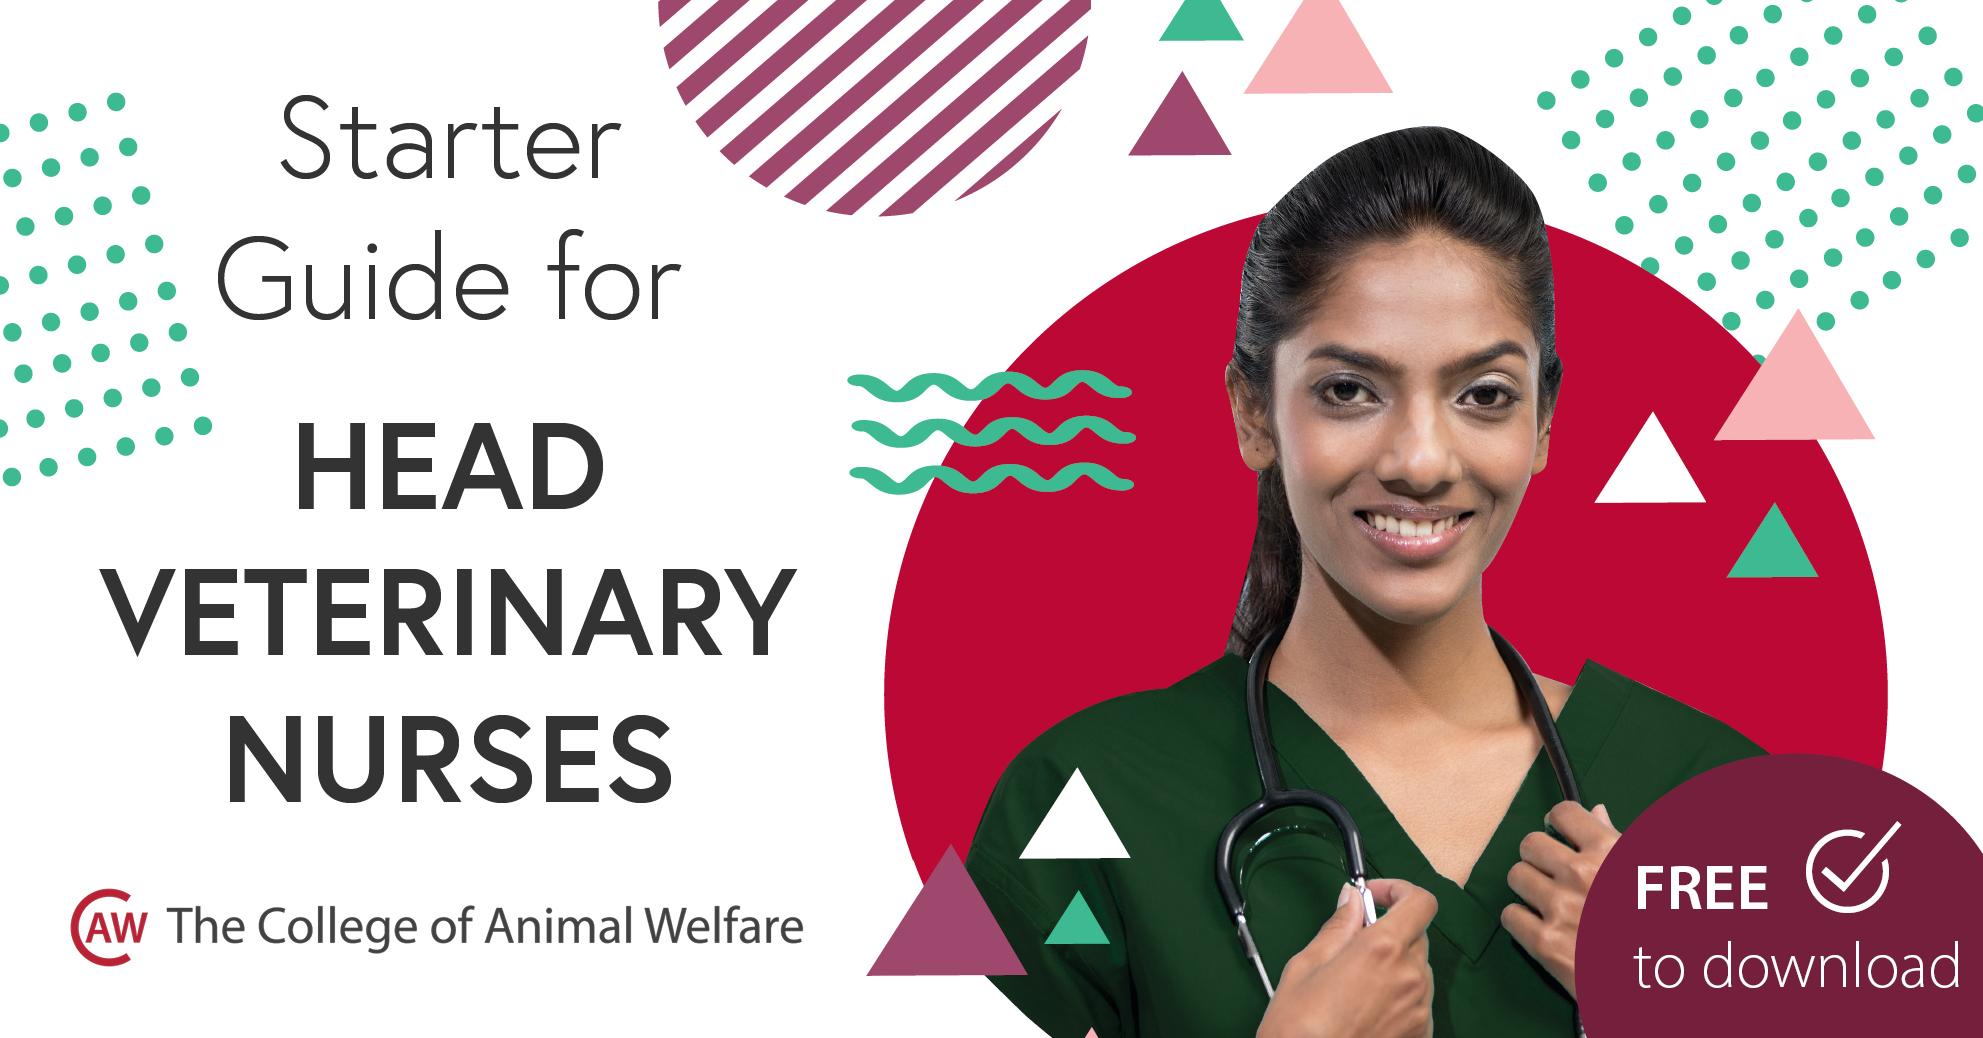 Starter Guide for Head Veterinary Nurses